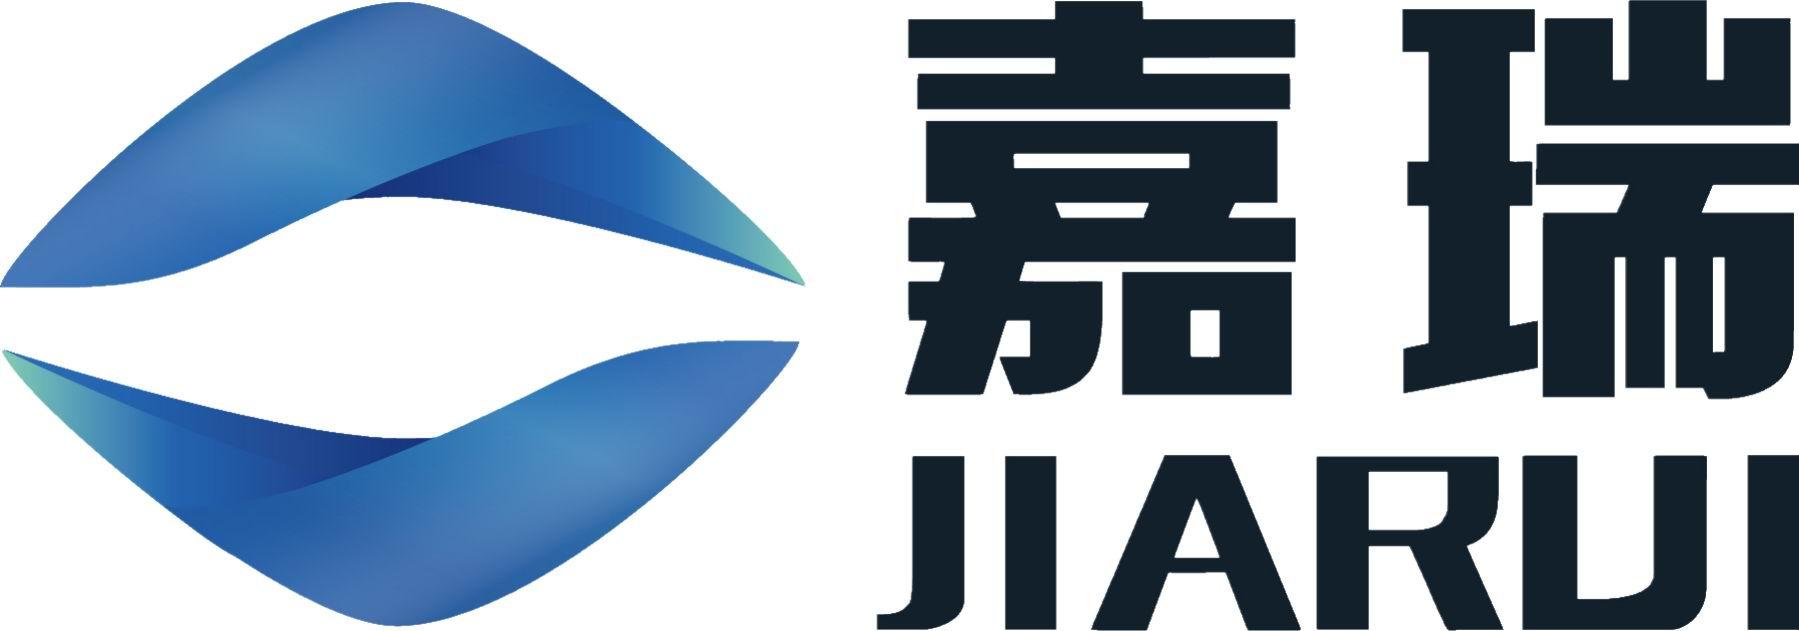 深圳嘉瑞电子科技有限公司